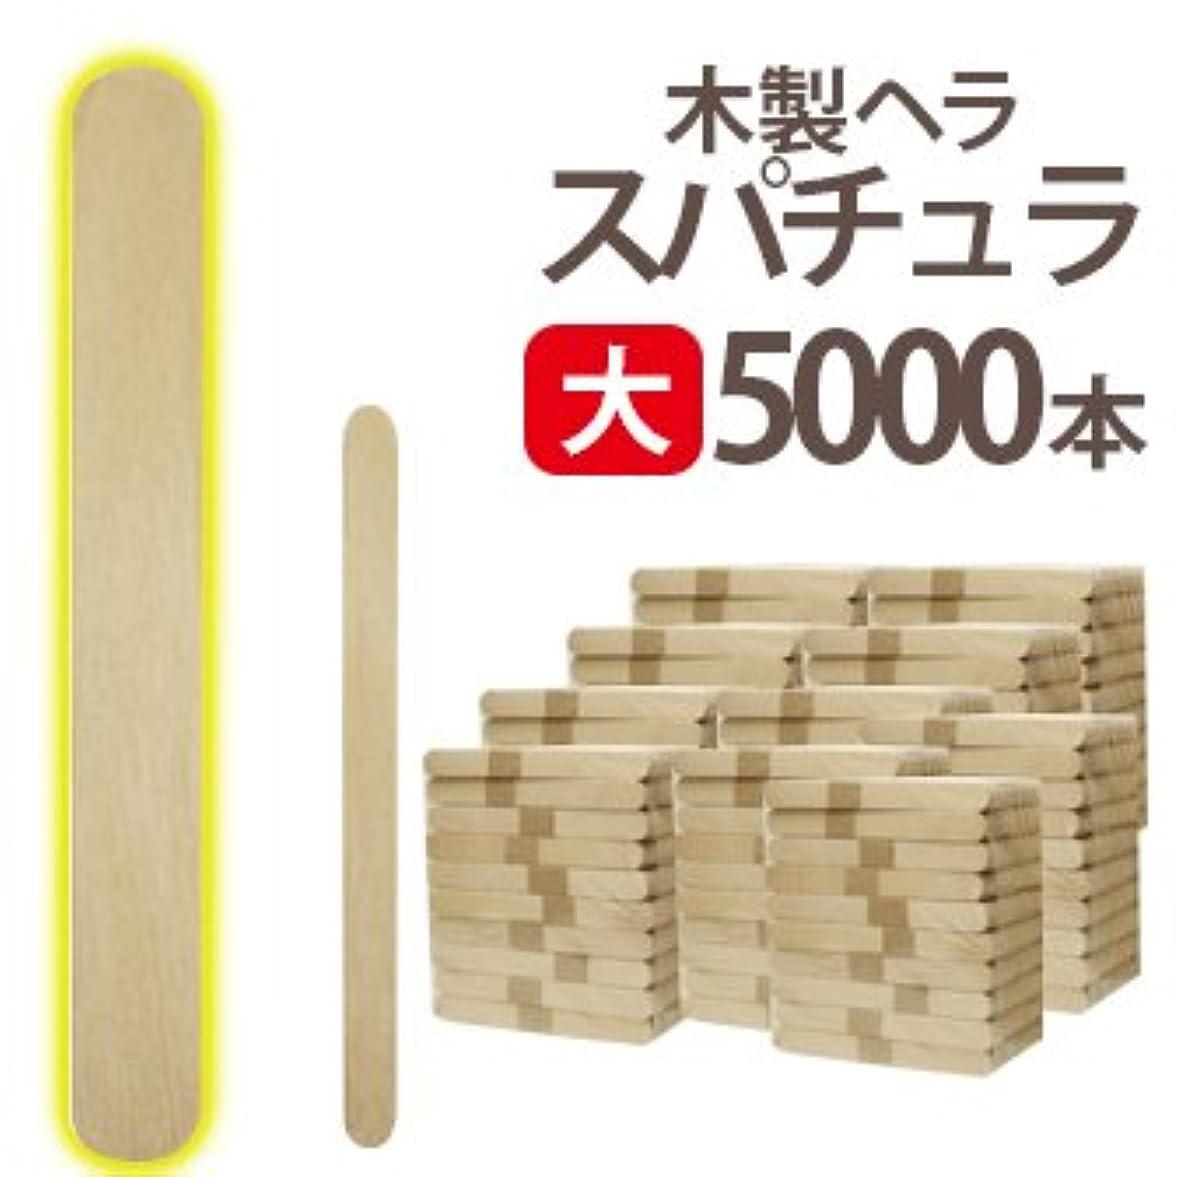 巧みな戦争トンネル大 ブラジリアンワックス 業務用5000本 スパチュラ Aタイプ(個別梱包なし 150×16)